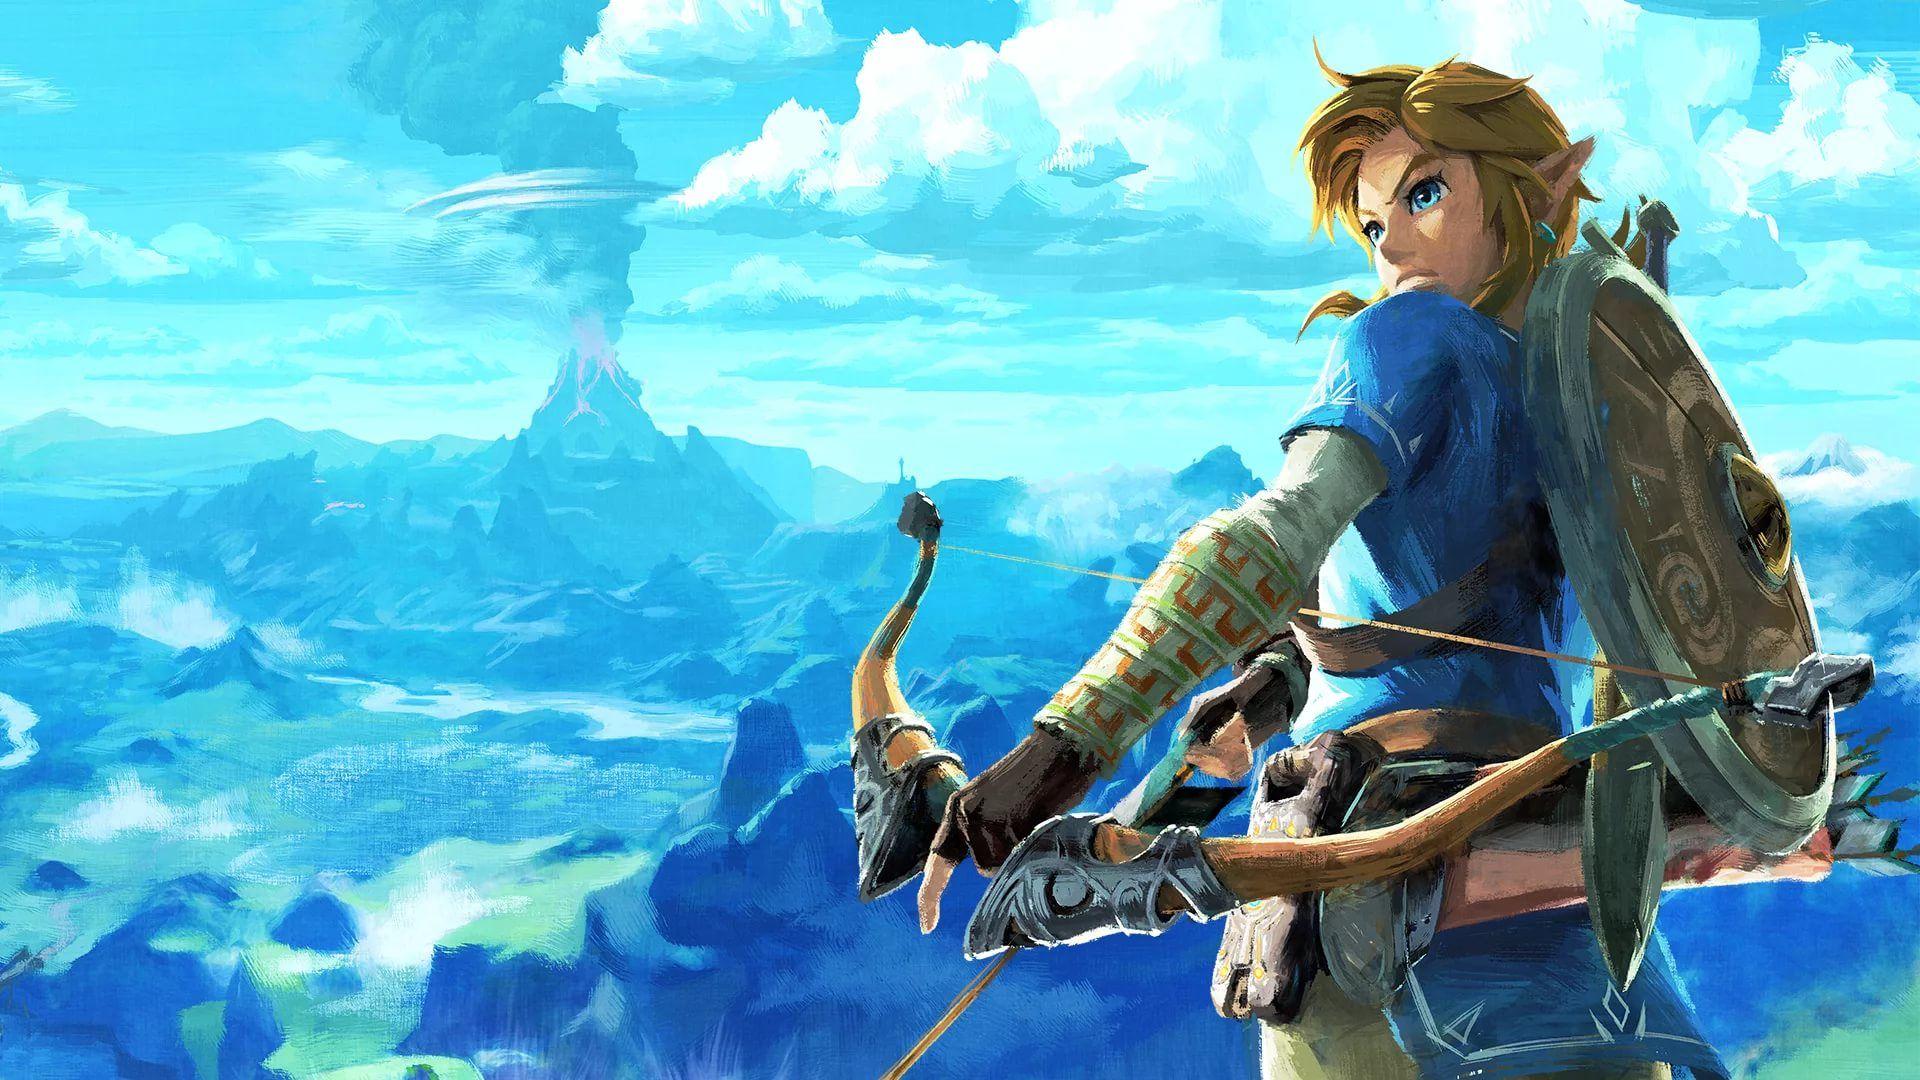 Zelda Live Cool Wallpaper